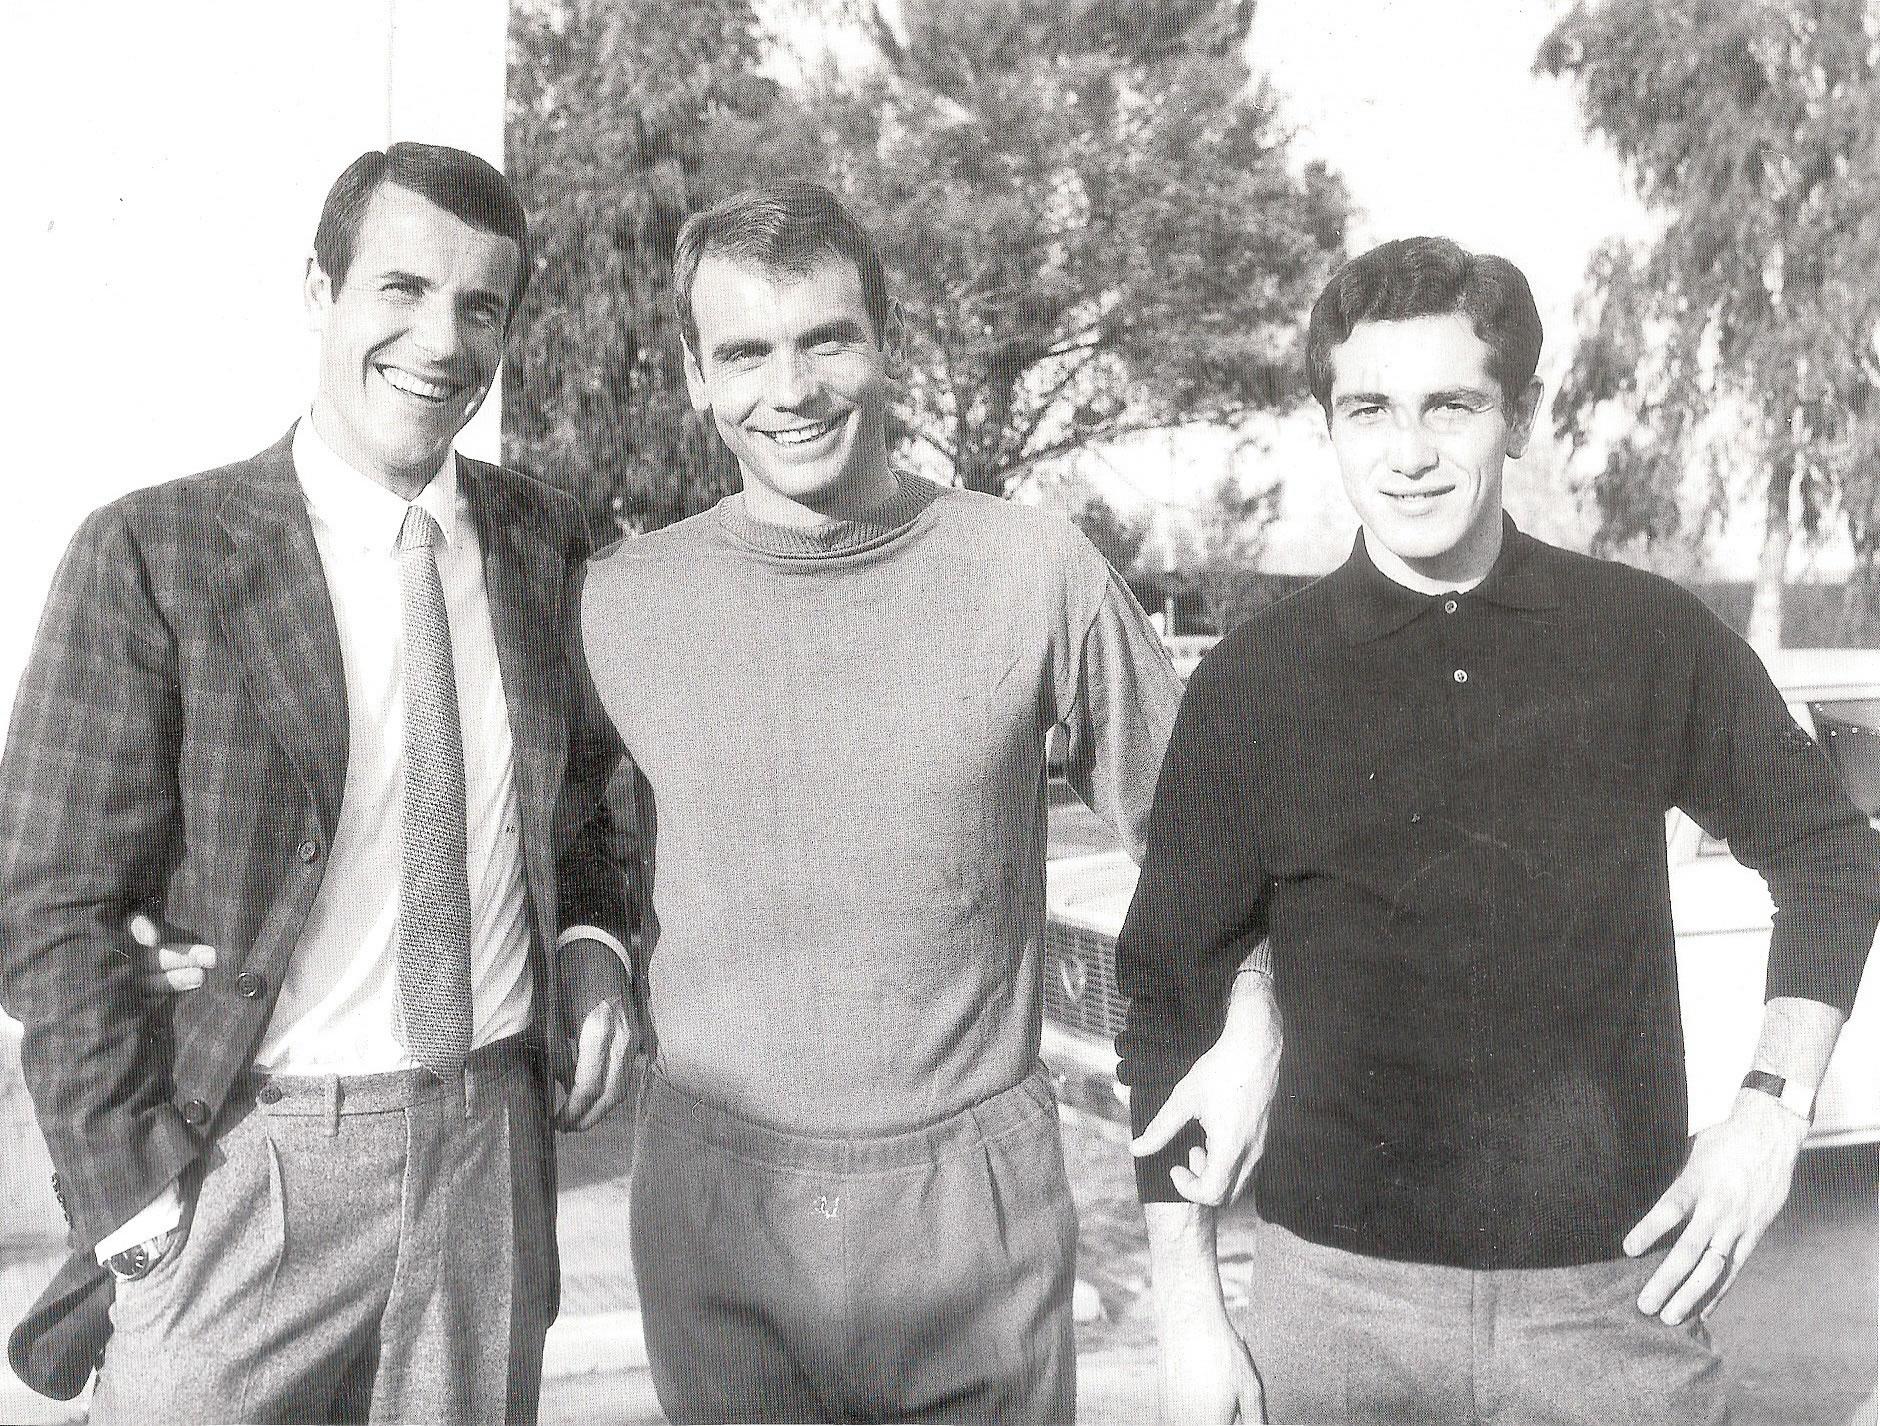 Dotti, Soldo, D'Amato 1967